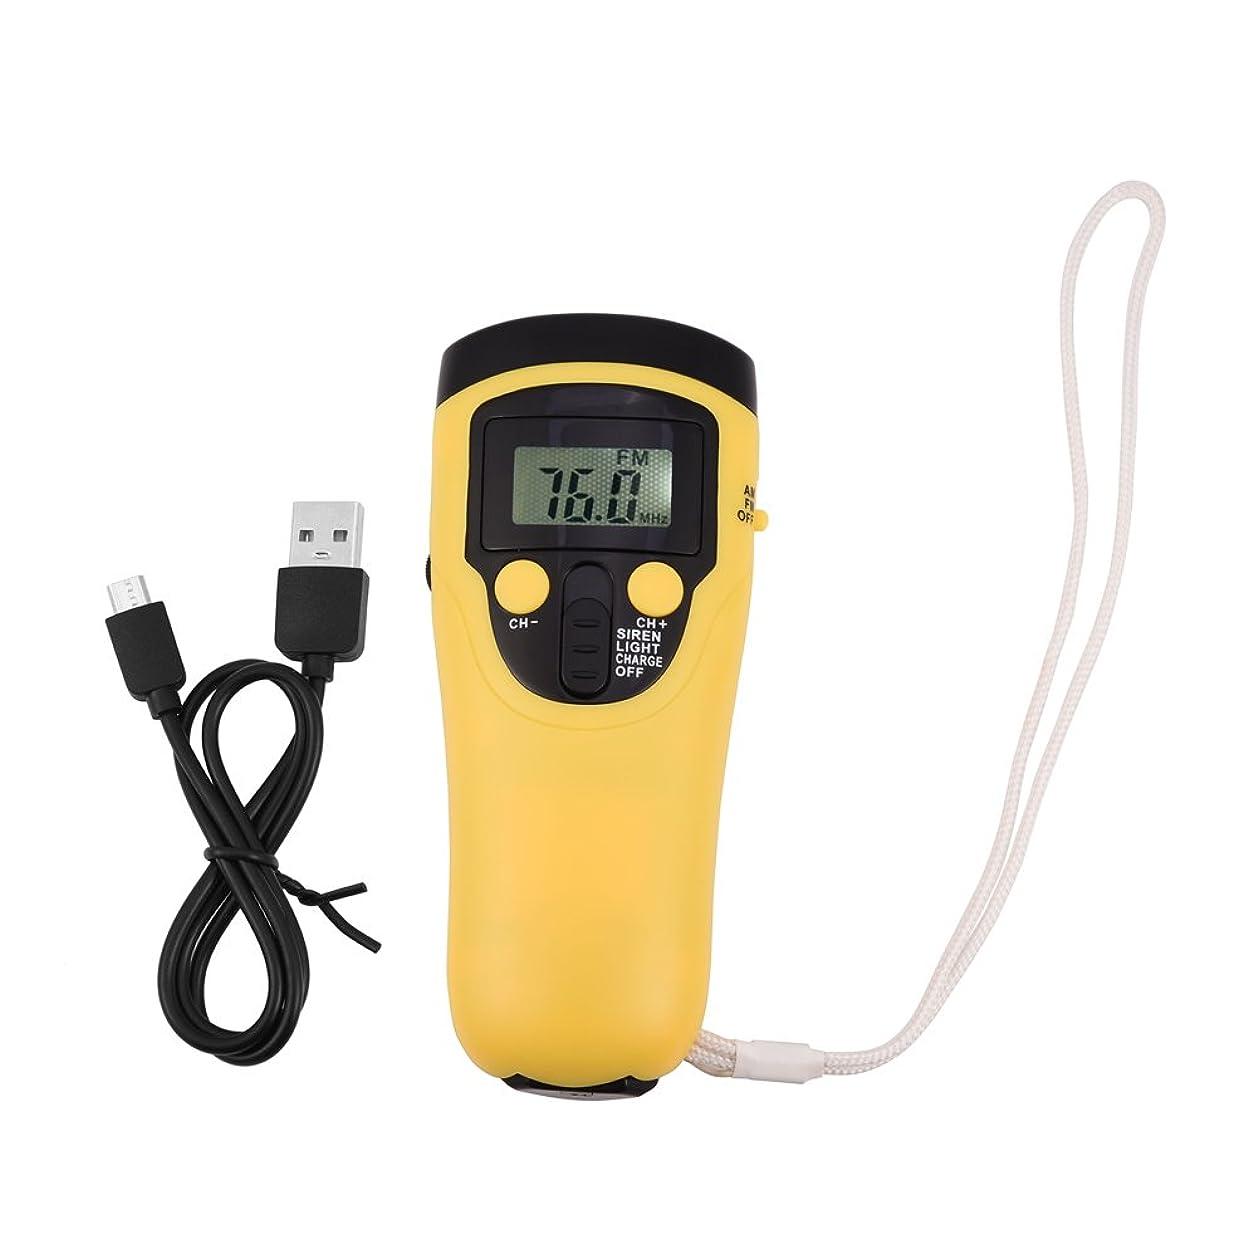 申し立て今後慢性的懐中電灯式 ポータブルラジオ  ラジオライト 2way充電 AM FMラジオ USB充電式 手回し充電 多機能 LEDライト付き 懐中電灯 携帯充電器 緊急対策 緊急警報機能 小型軽量(イエロー)